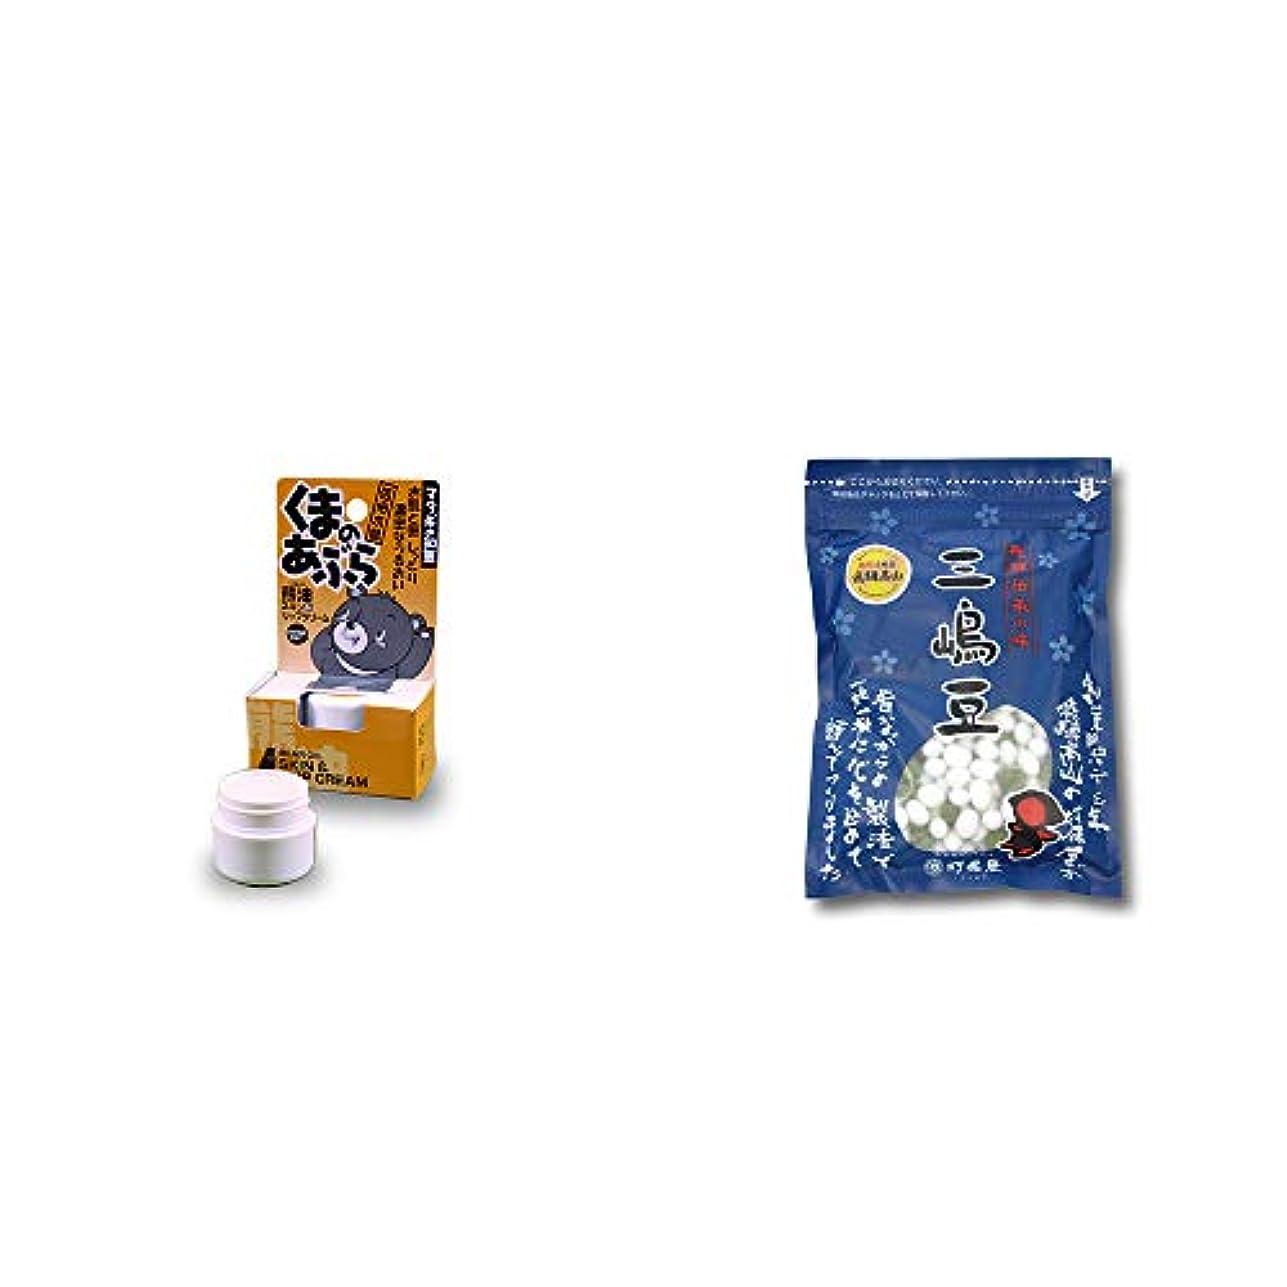 支店建設誠意[2点セット] 信州木曽 くまのあぶら 熊油スキン&リップクリーム(9g)?飛騨 打保屋 駄菓子 三嶋豆(150g)